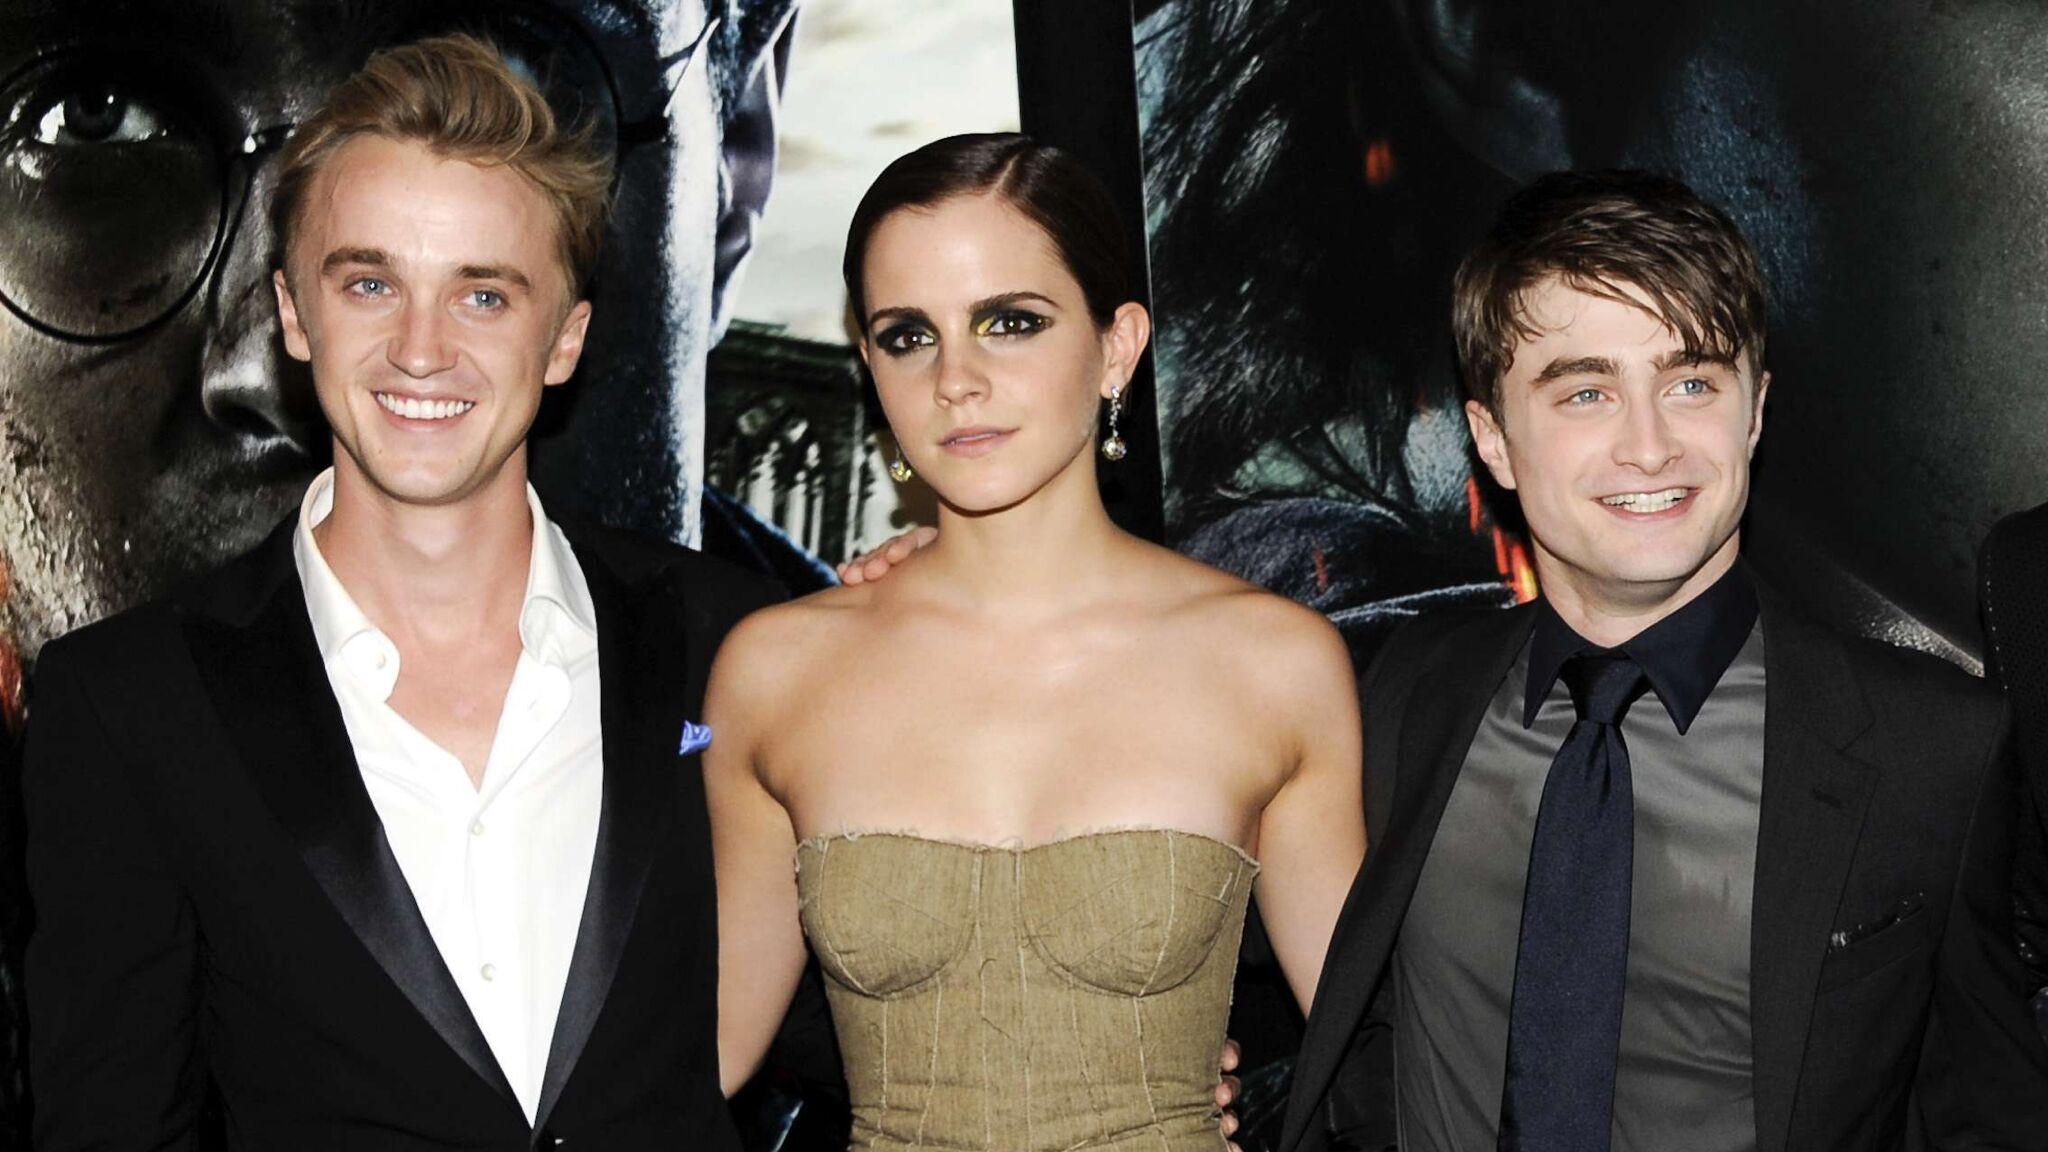 Harry Potter : Tom Felton nostalgique, dévoile une vidéo inédite avec Emma Watson et Daniel Radcliffe